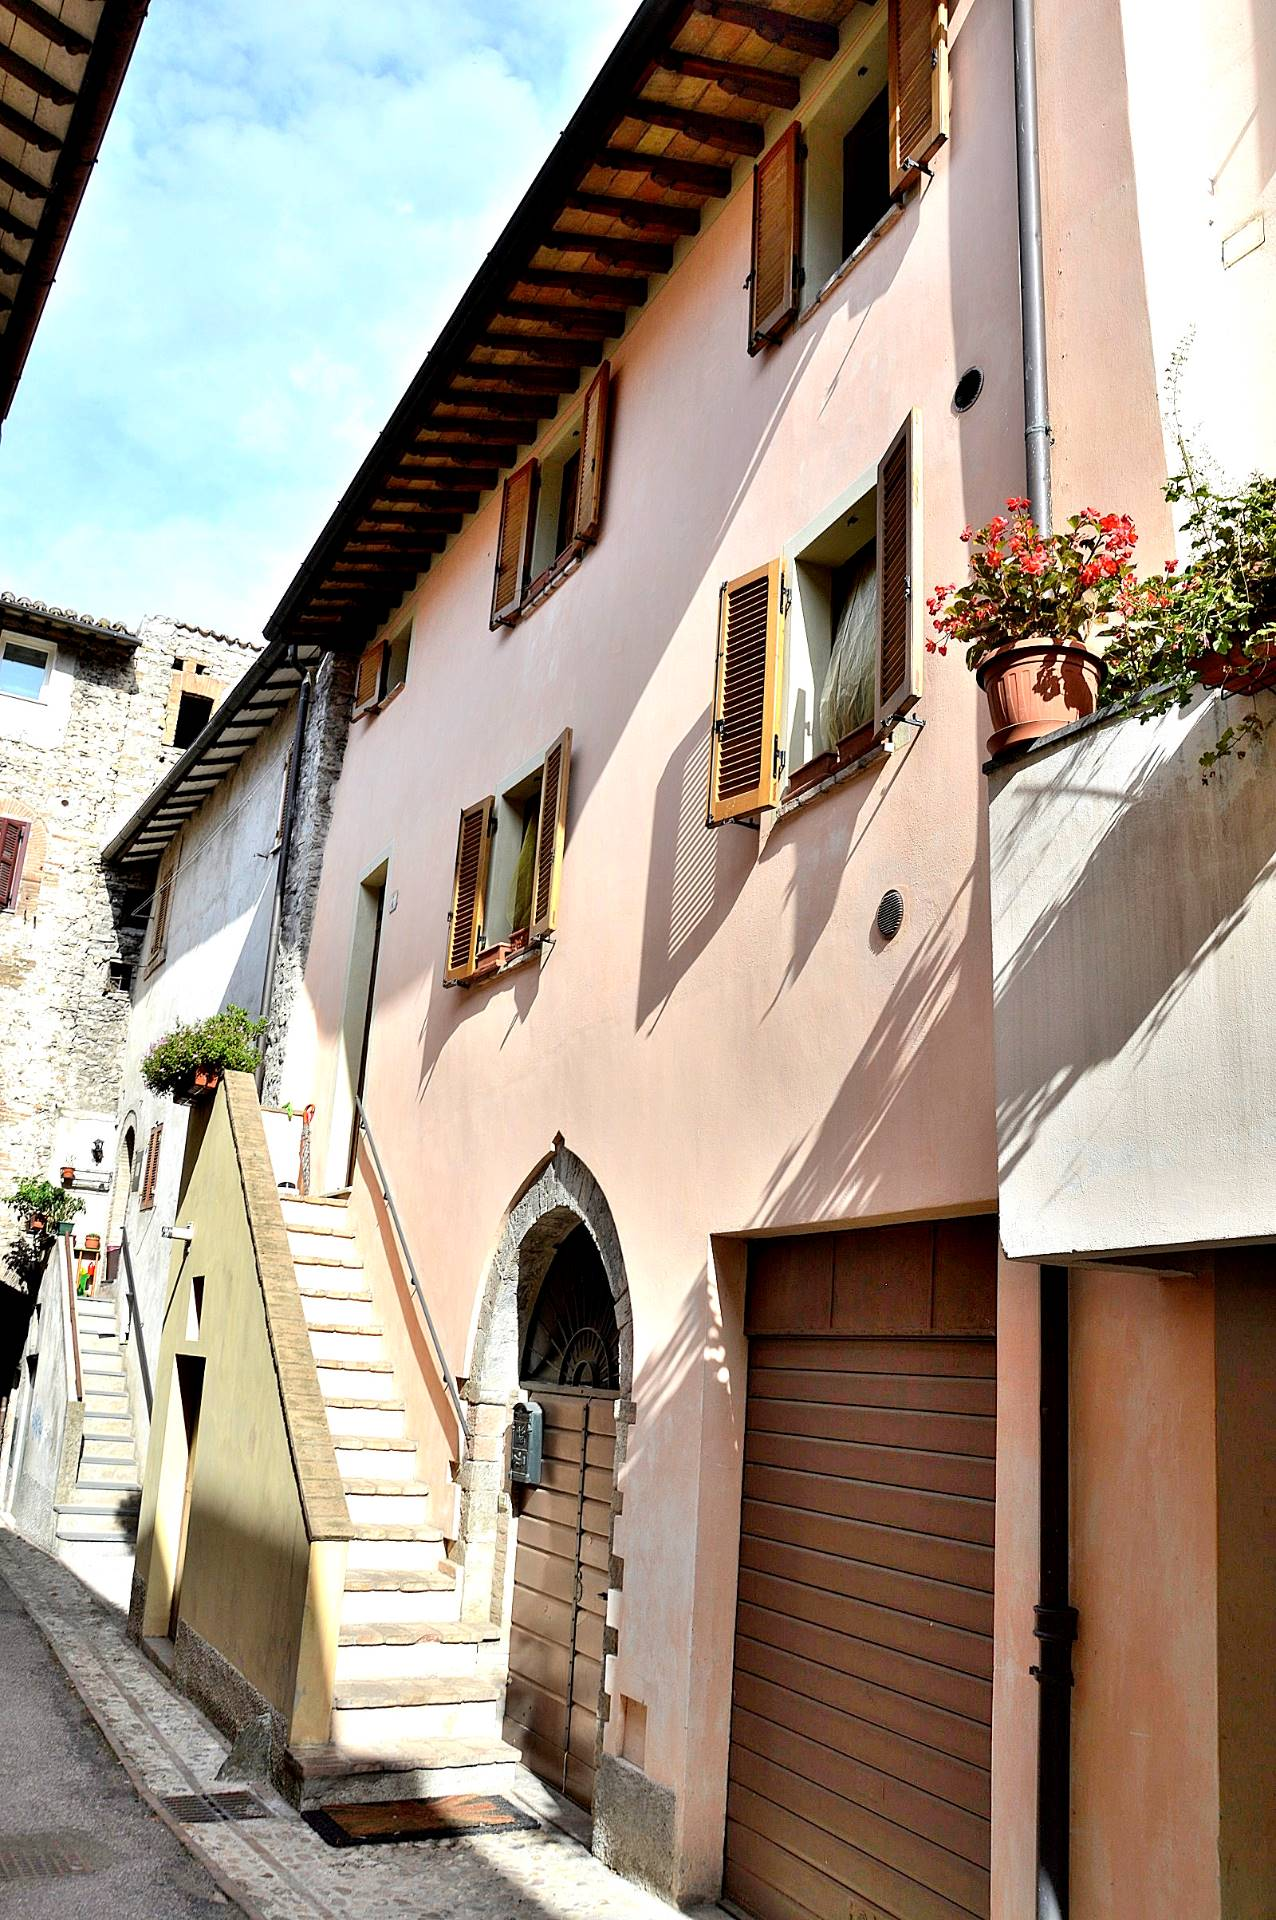 Immobile a Spoleto